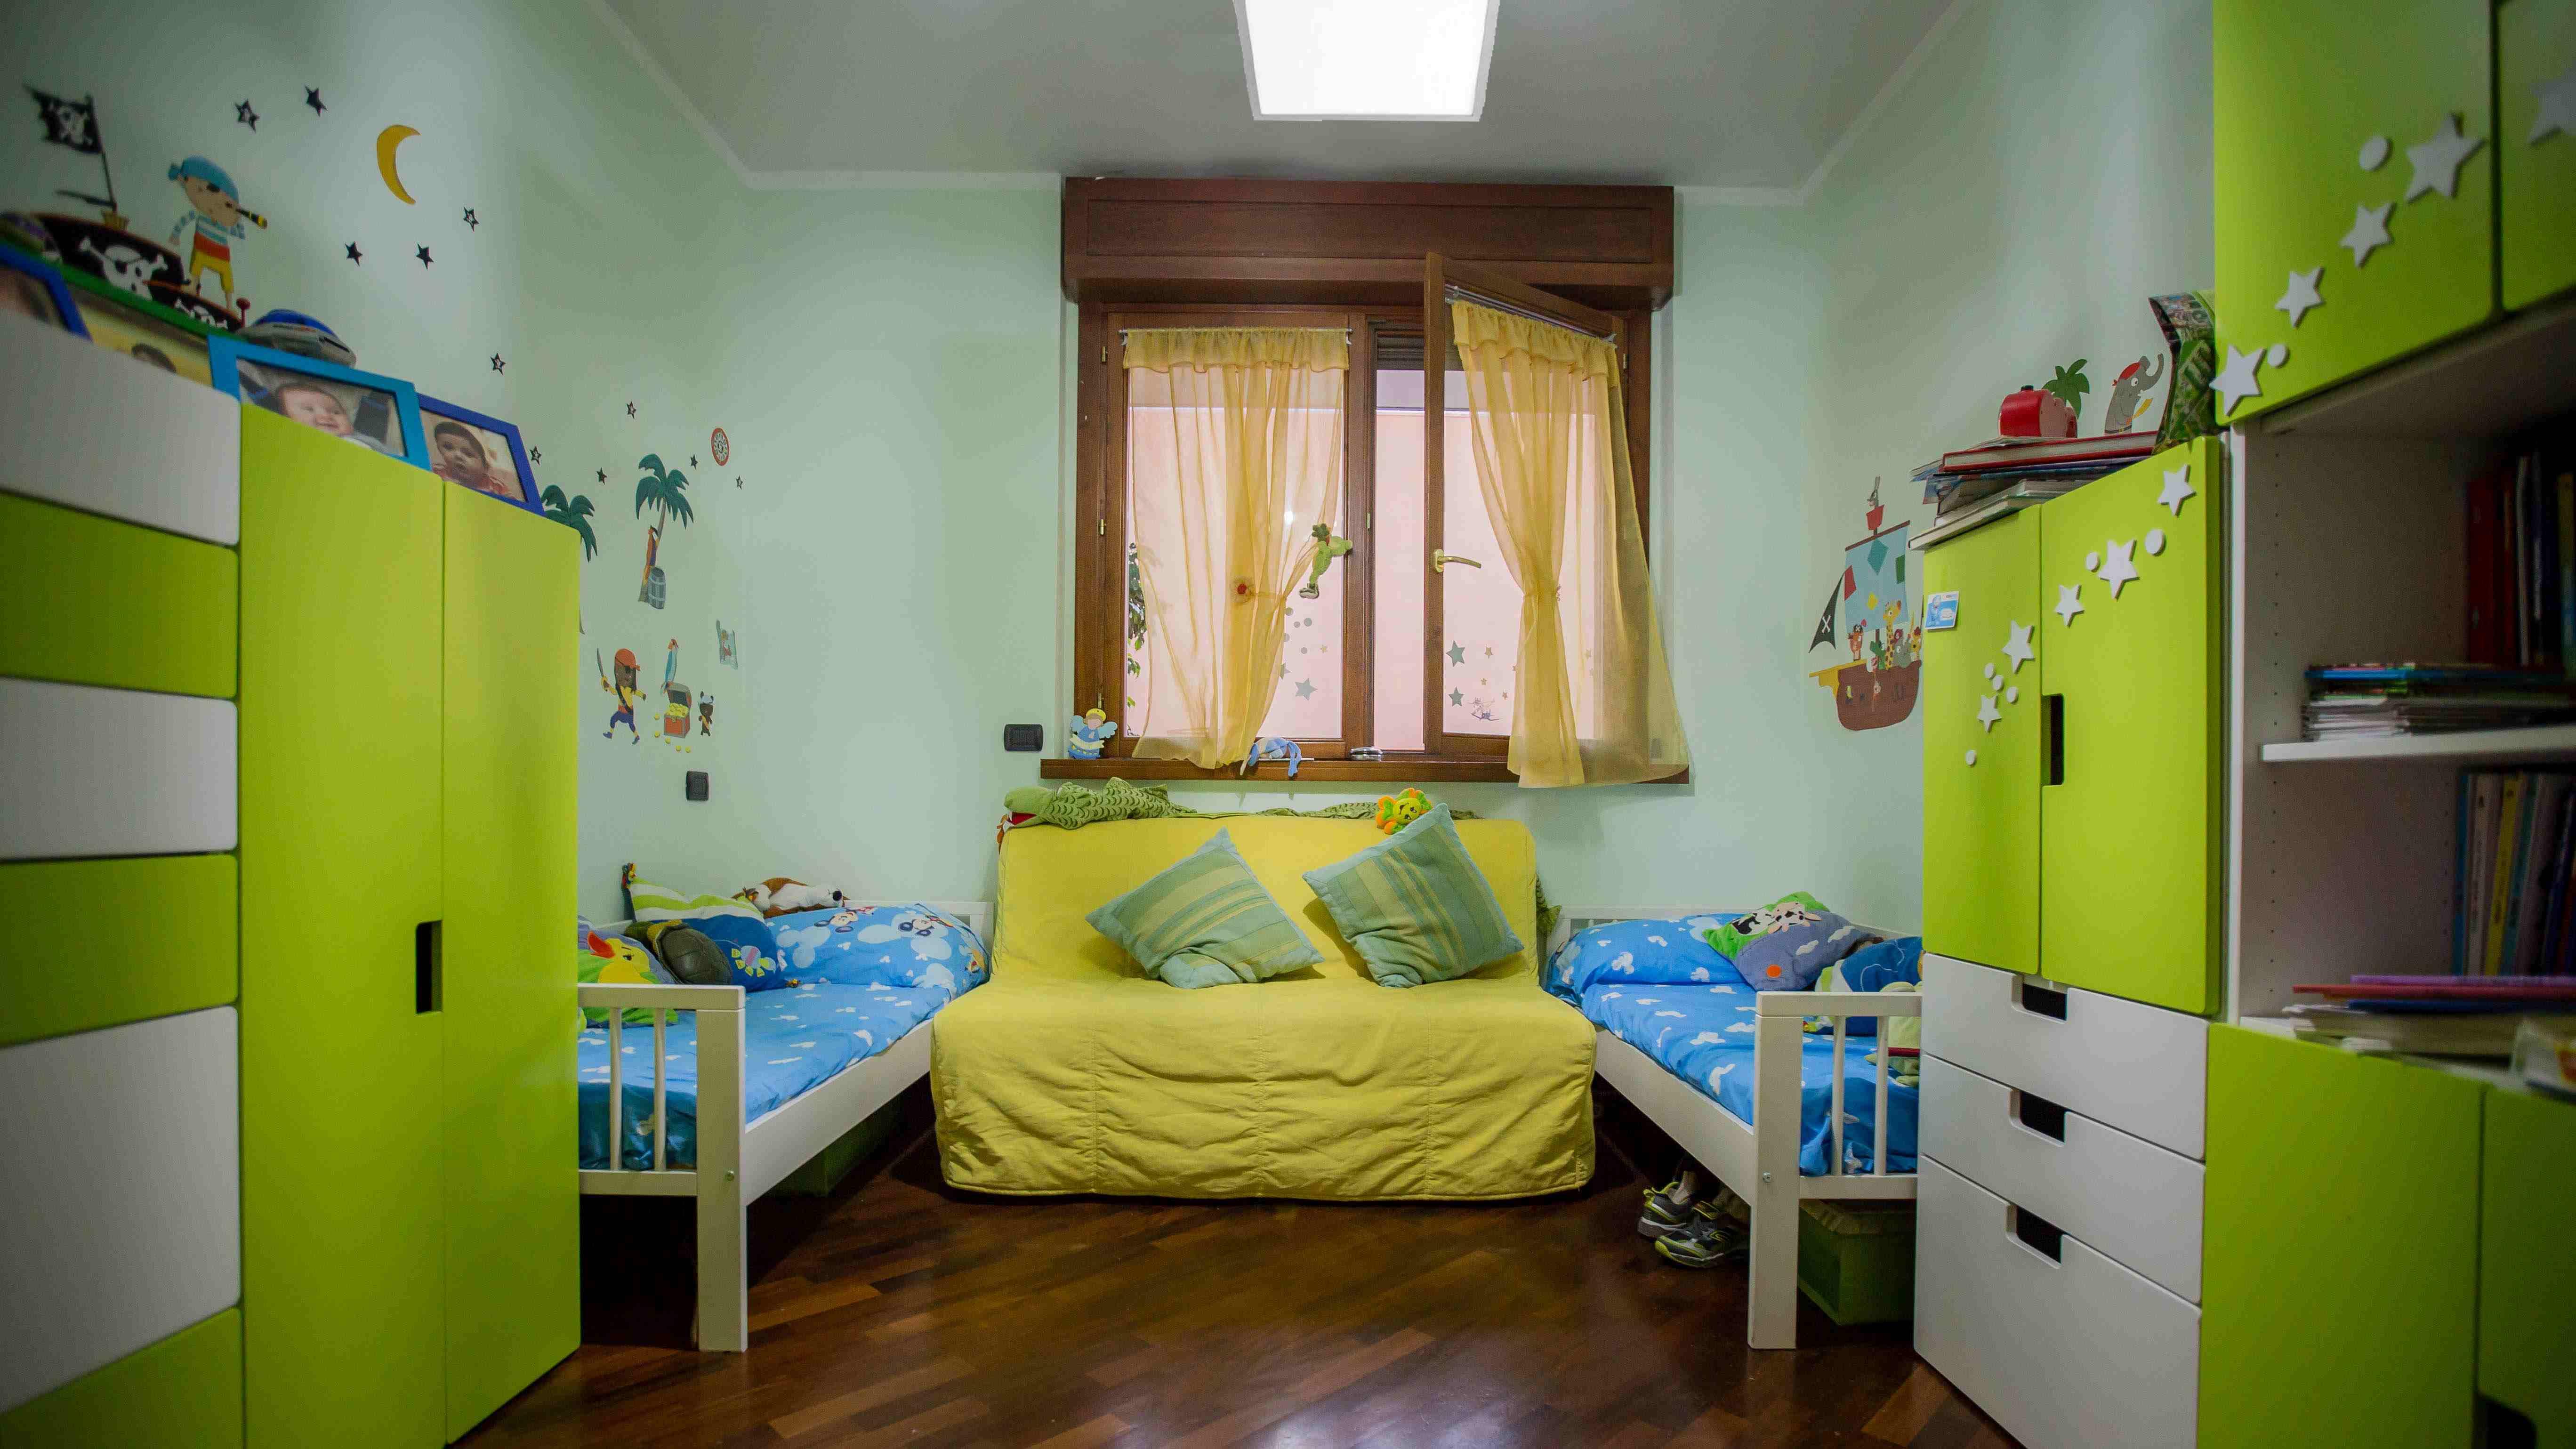 Latest osservare idee di x della cameretta come scegliere quella giusta b with colori muri - Decorazioni muri camerette bambini ...